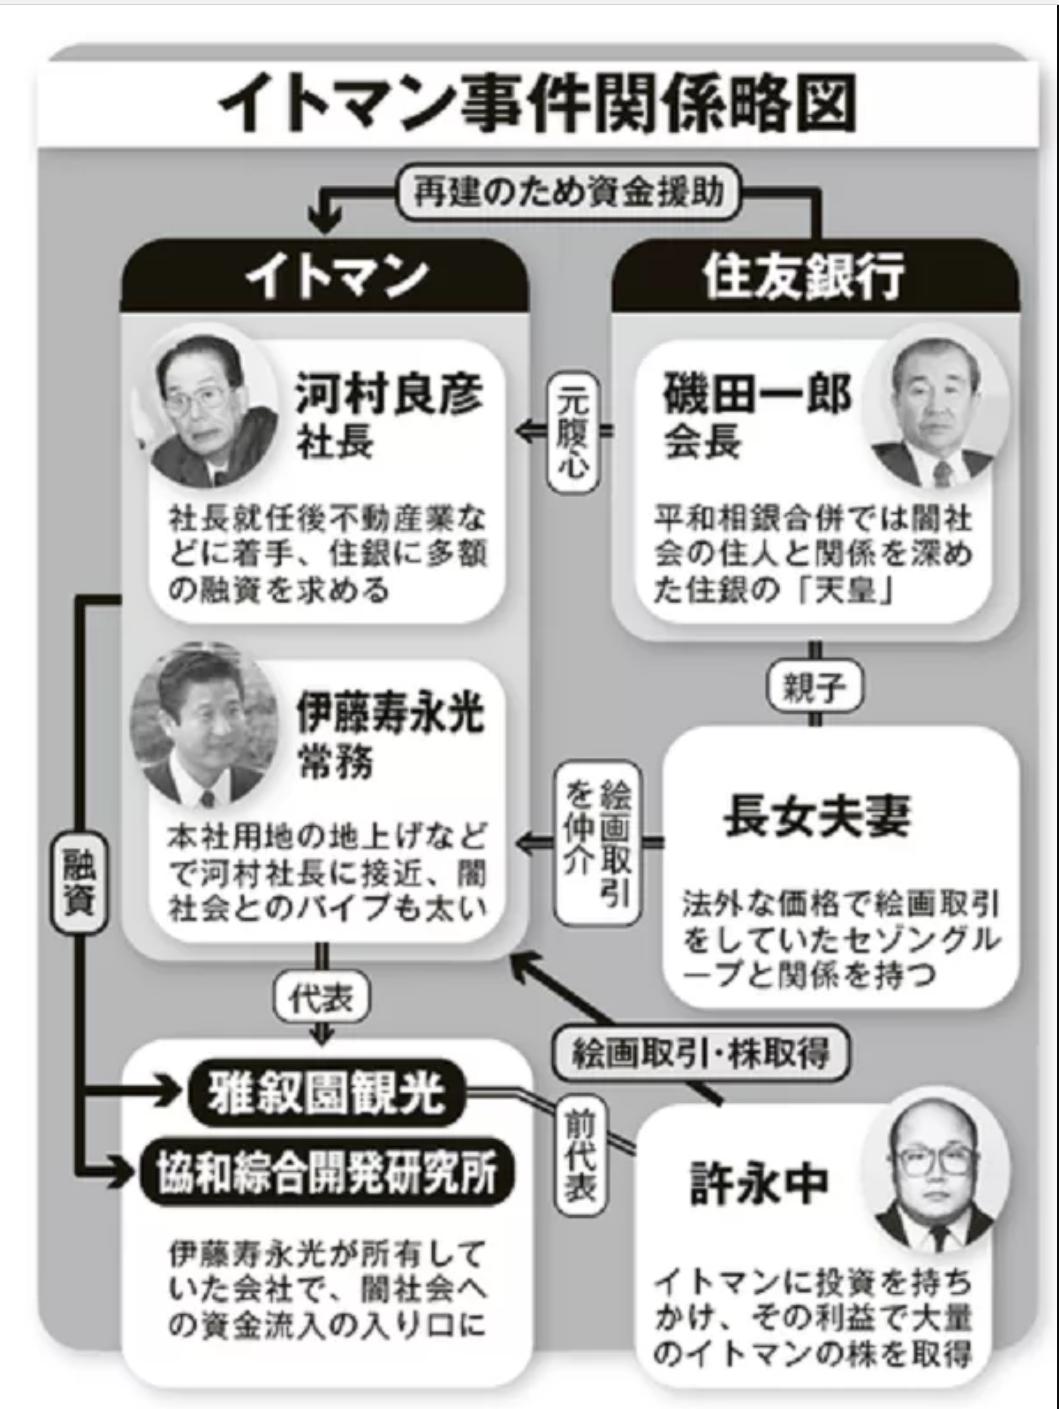 Itoman_jiken_pic